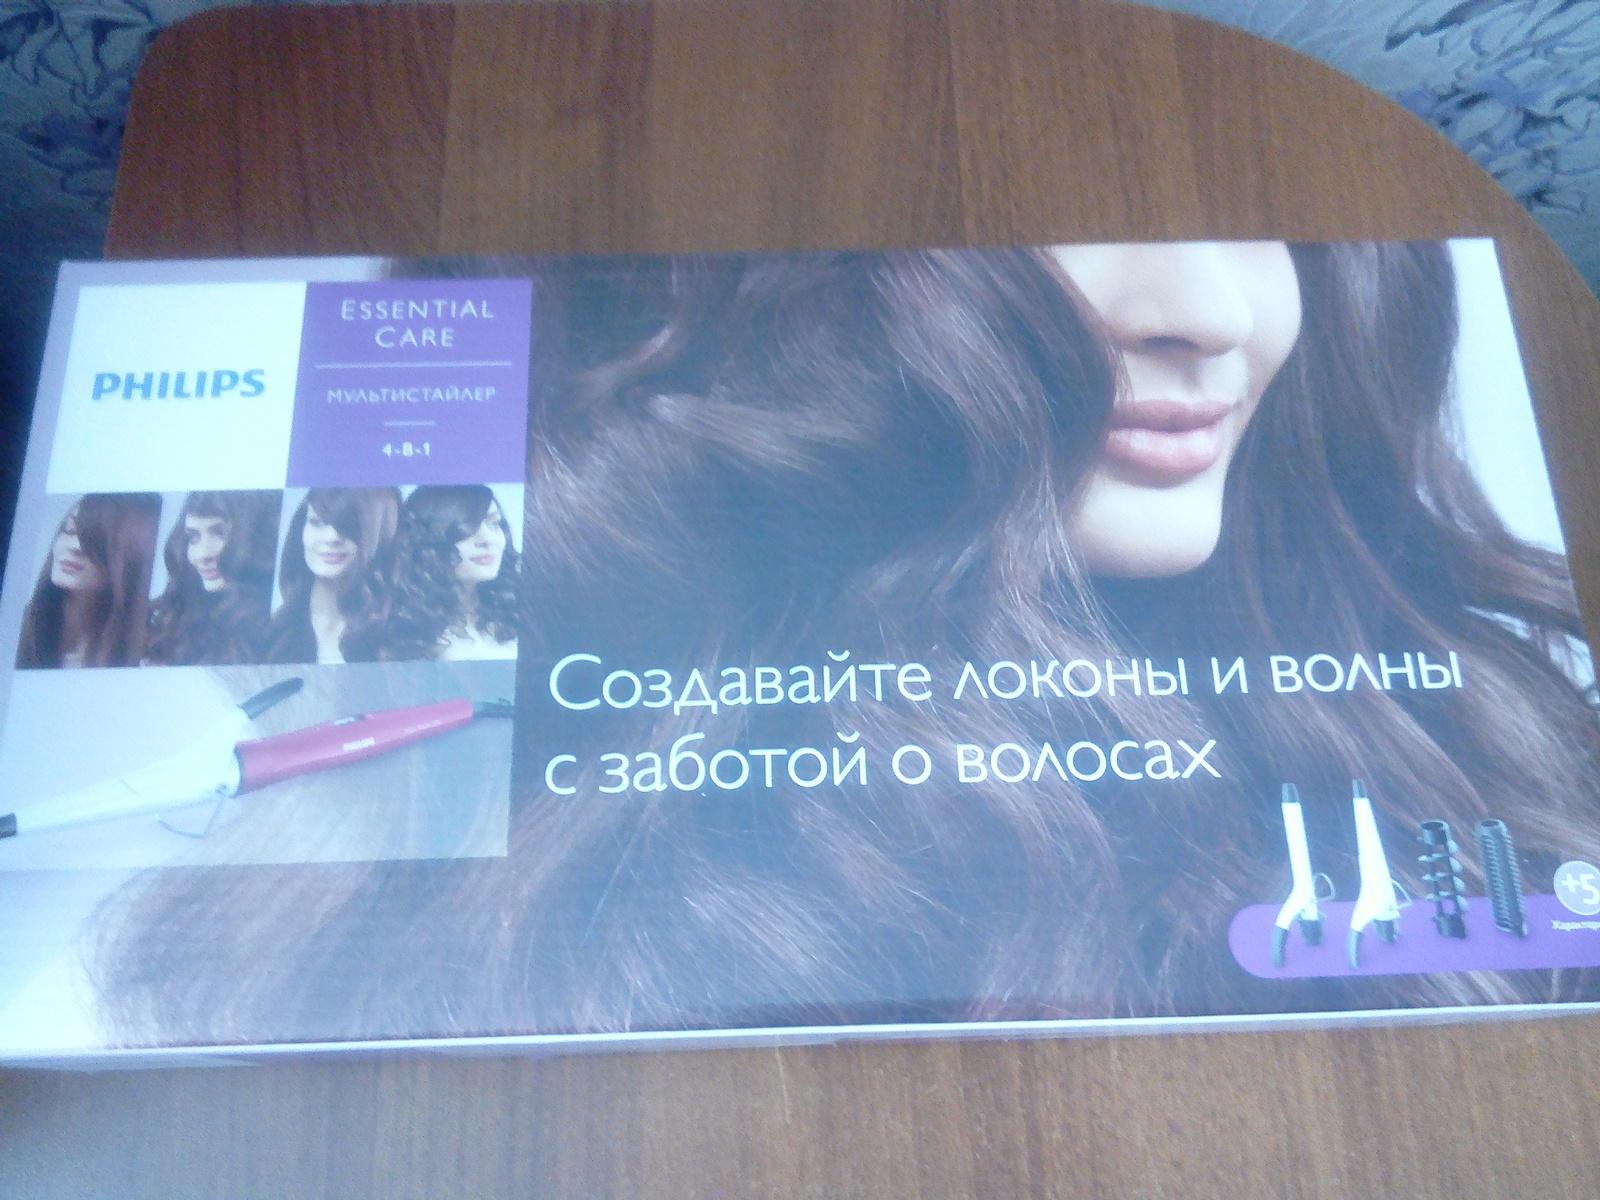 Рекламные конкурсы с призами